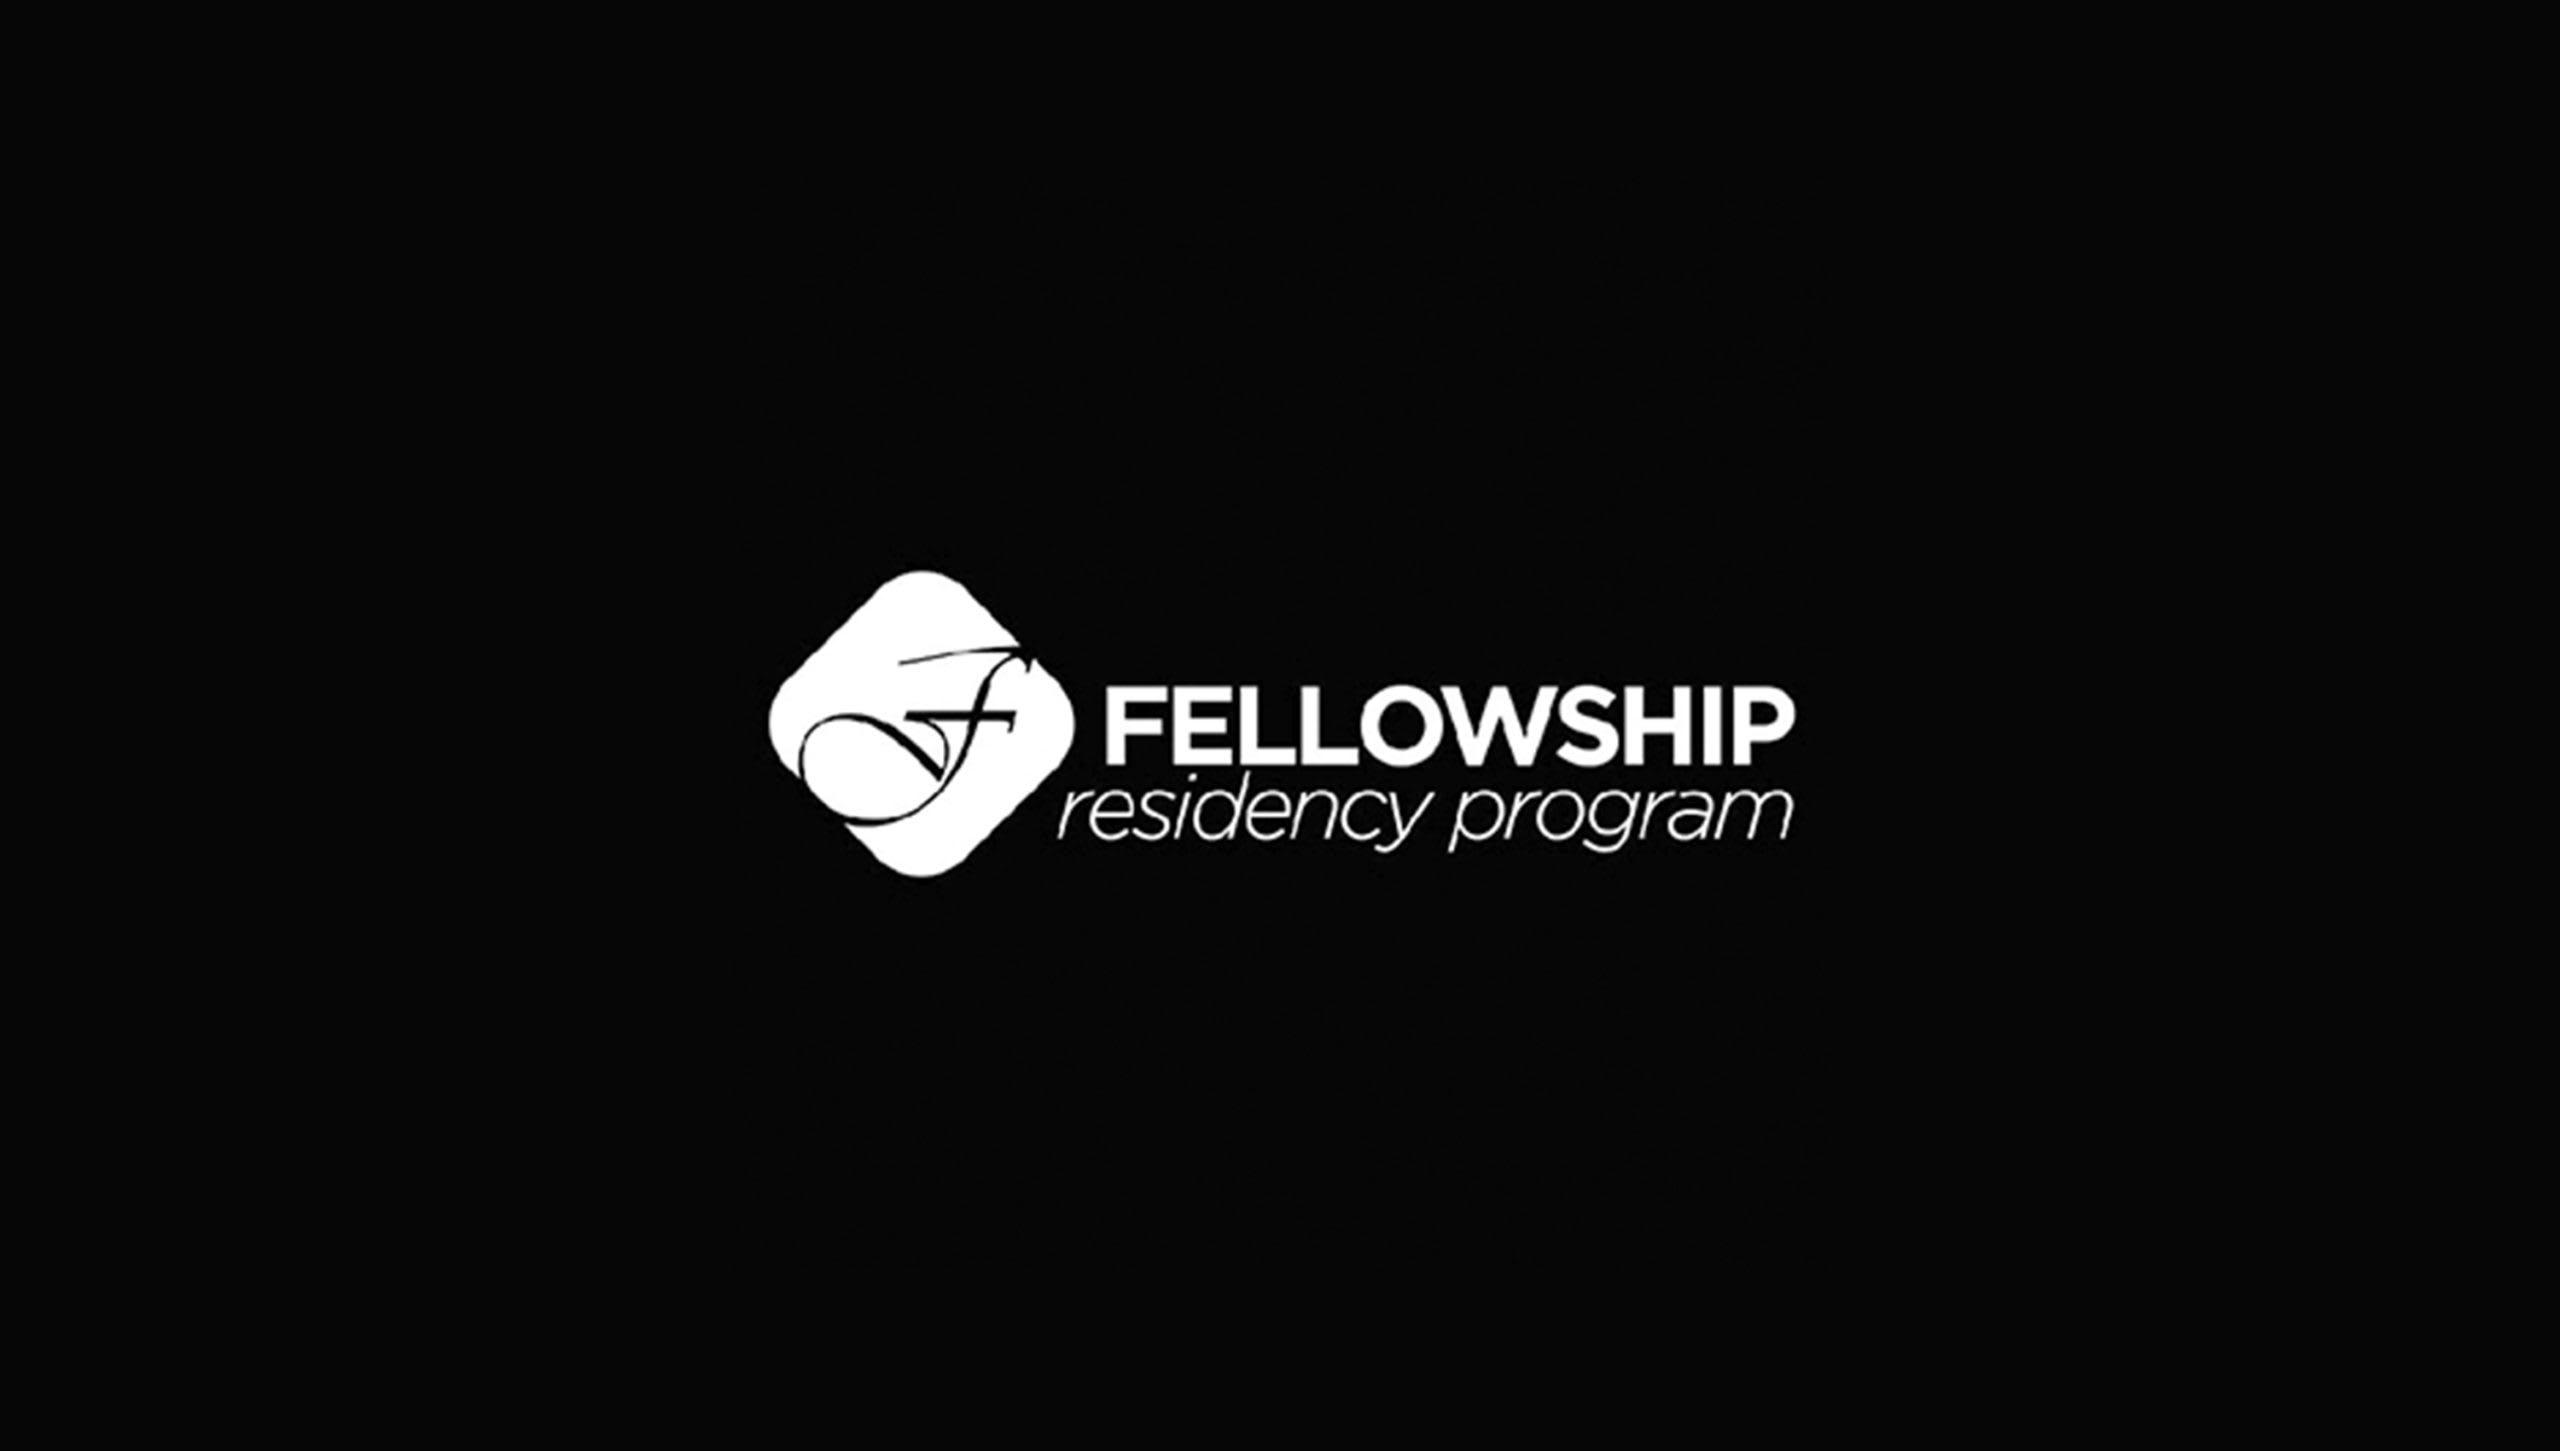 Fellowship Residency Program logo